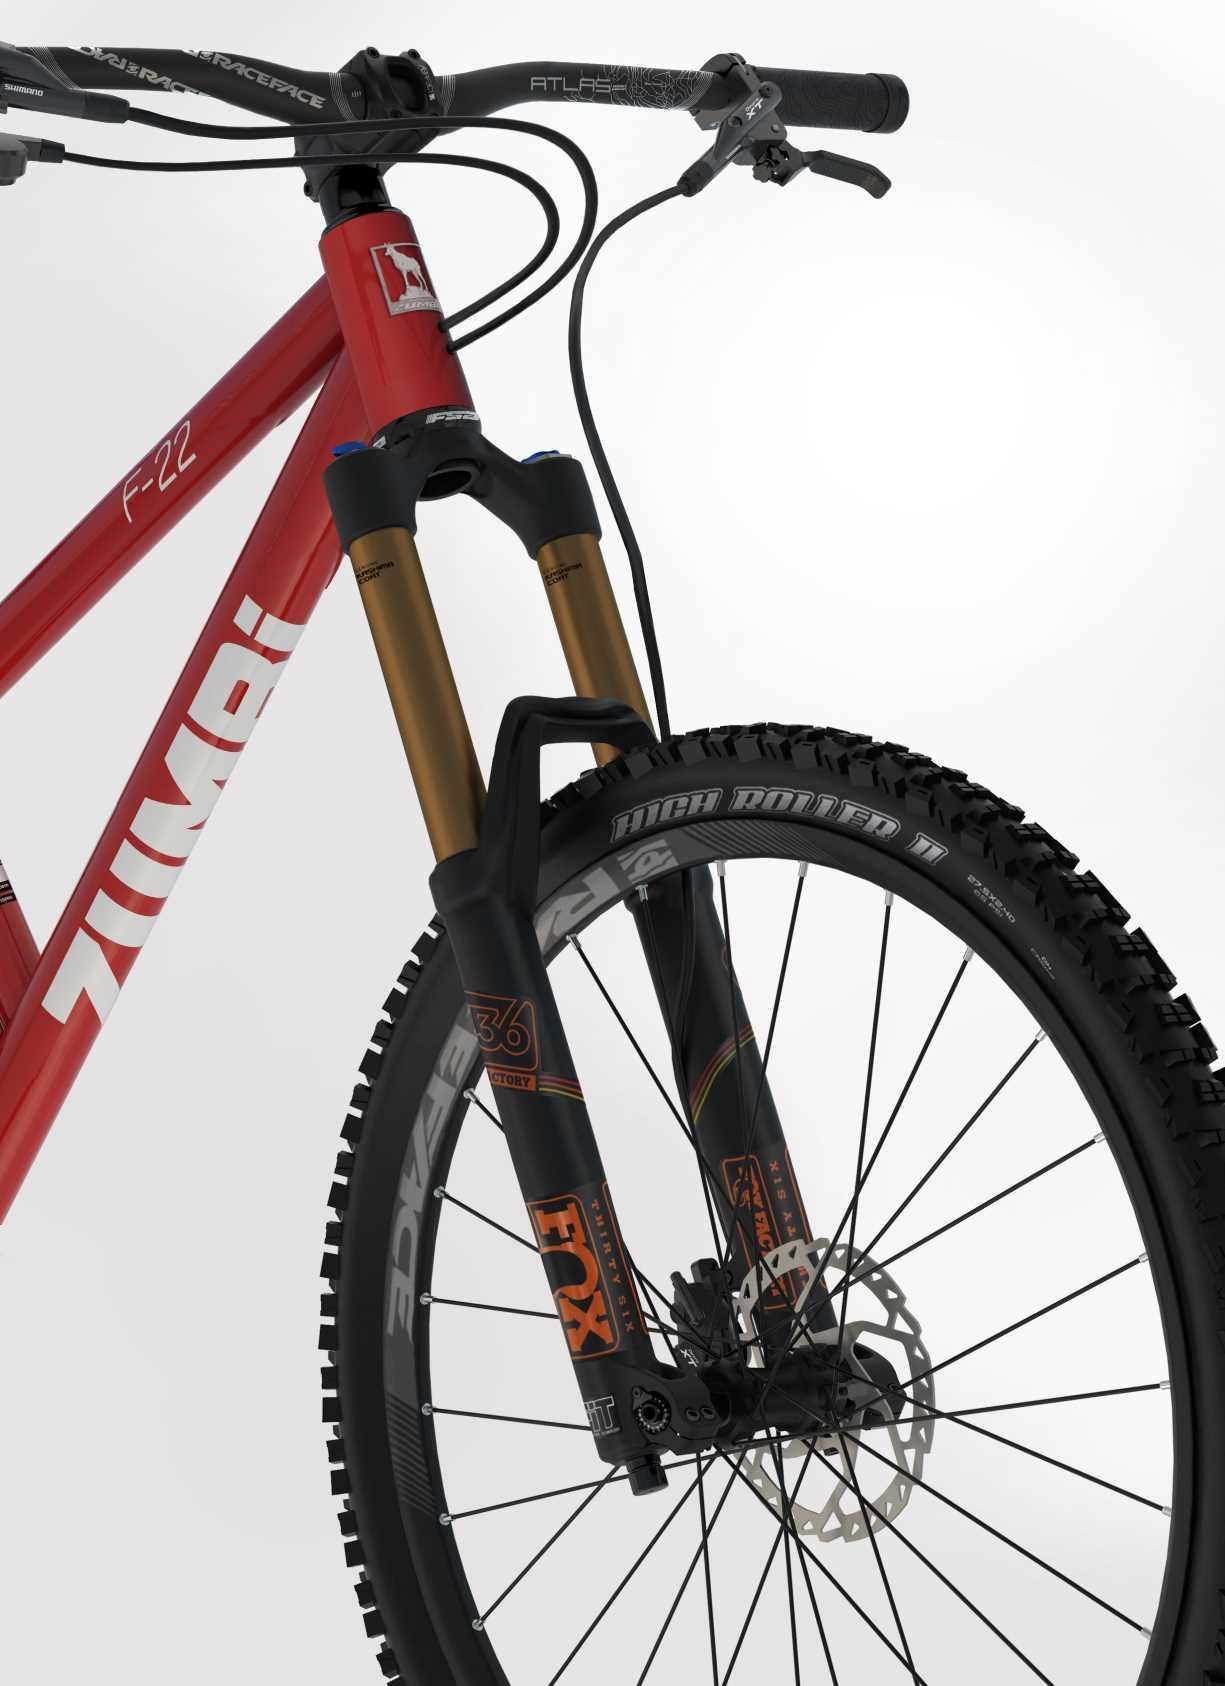 BIKE F22 / 27.5 / FOX / red - Zumbi Cycles